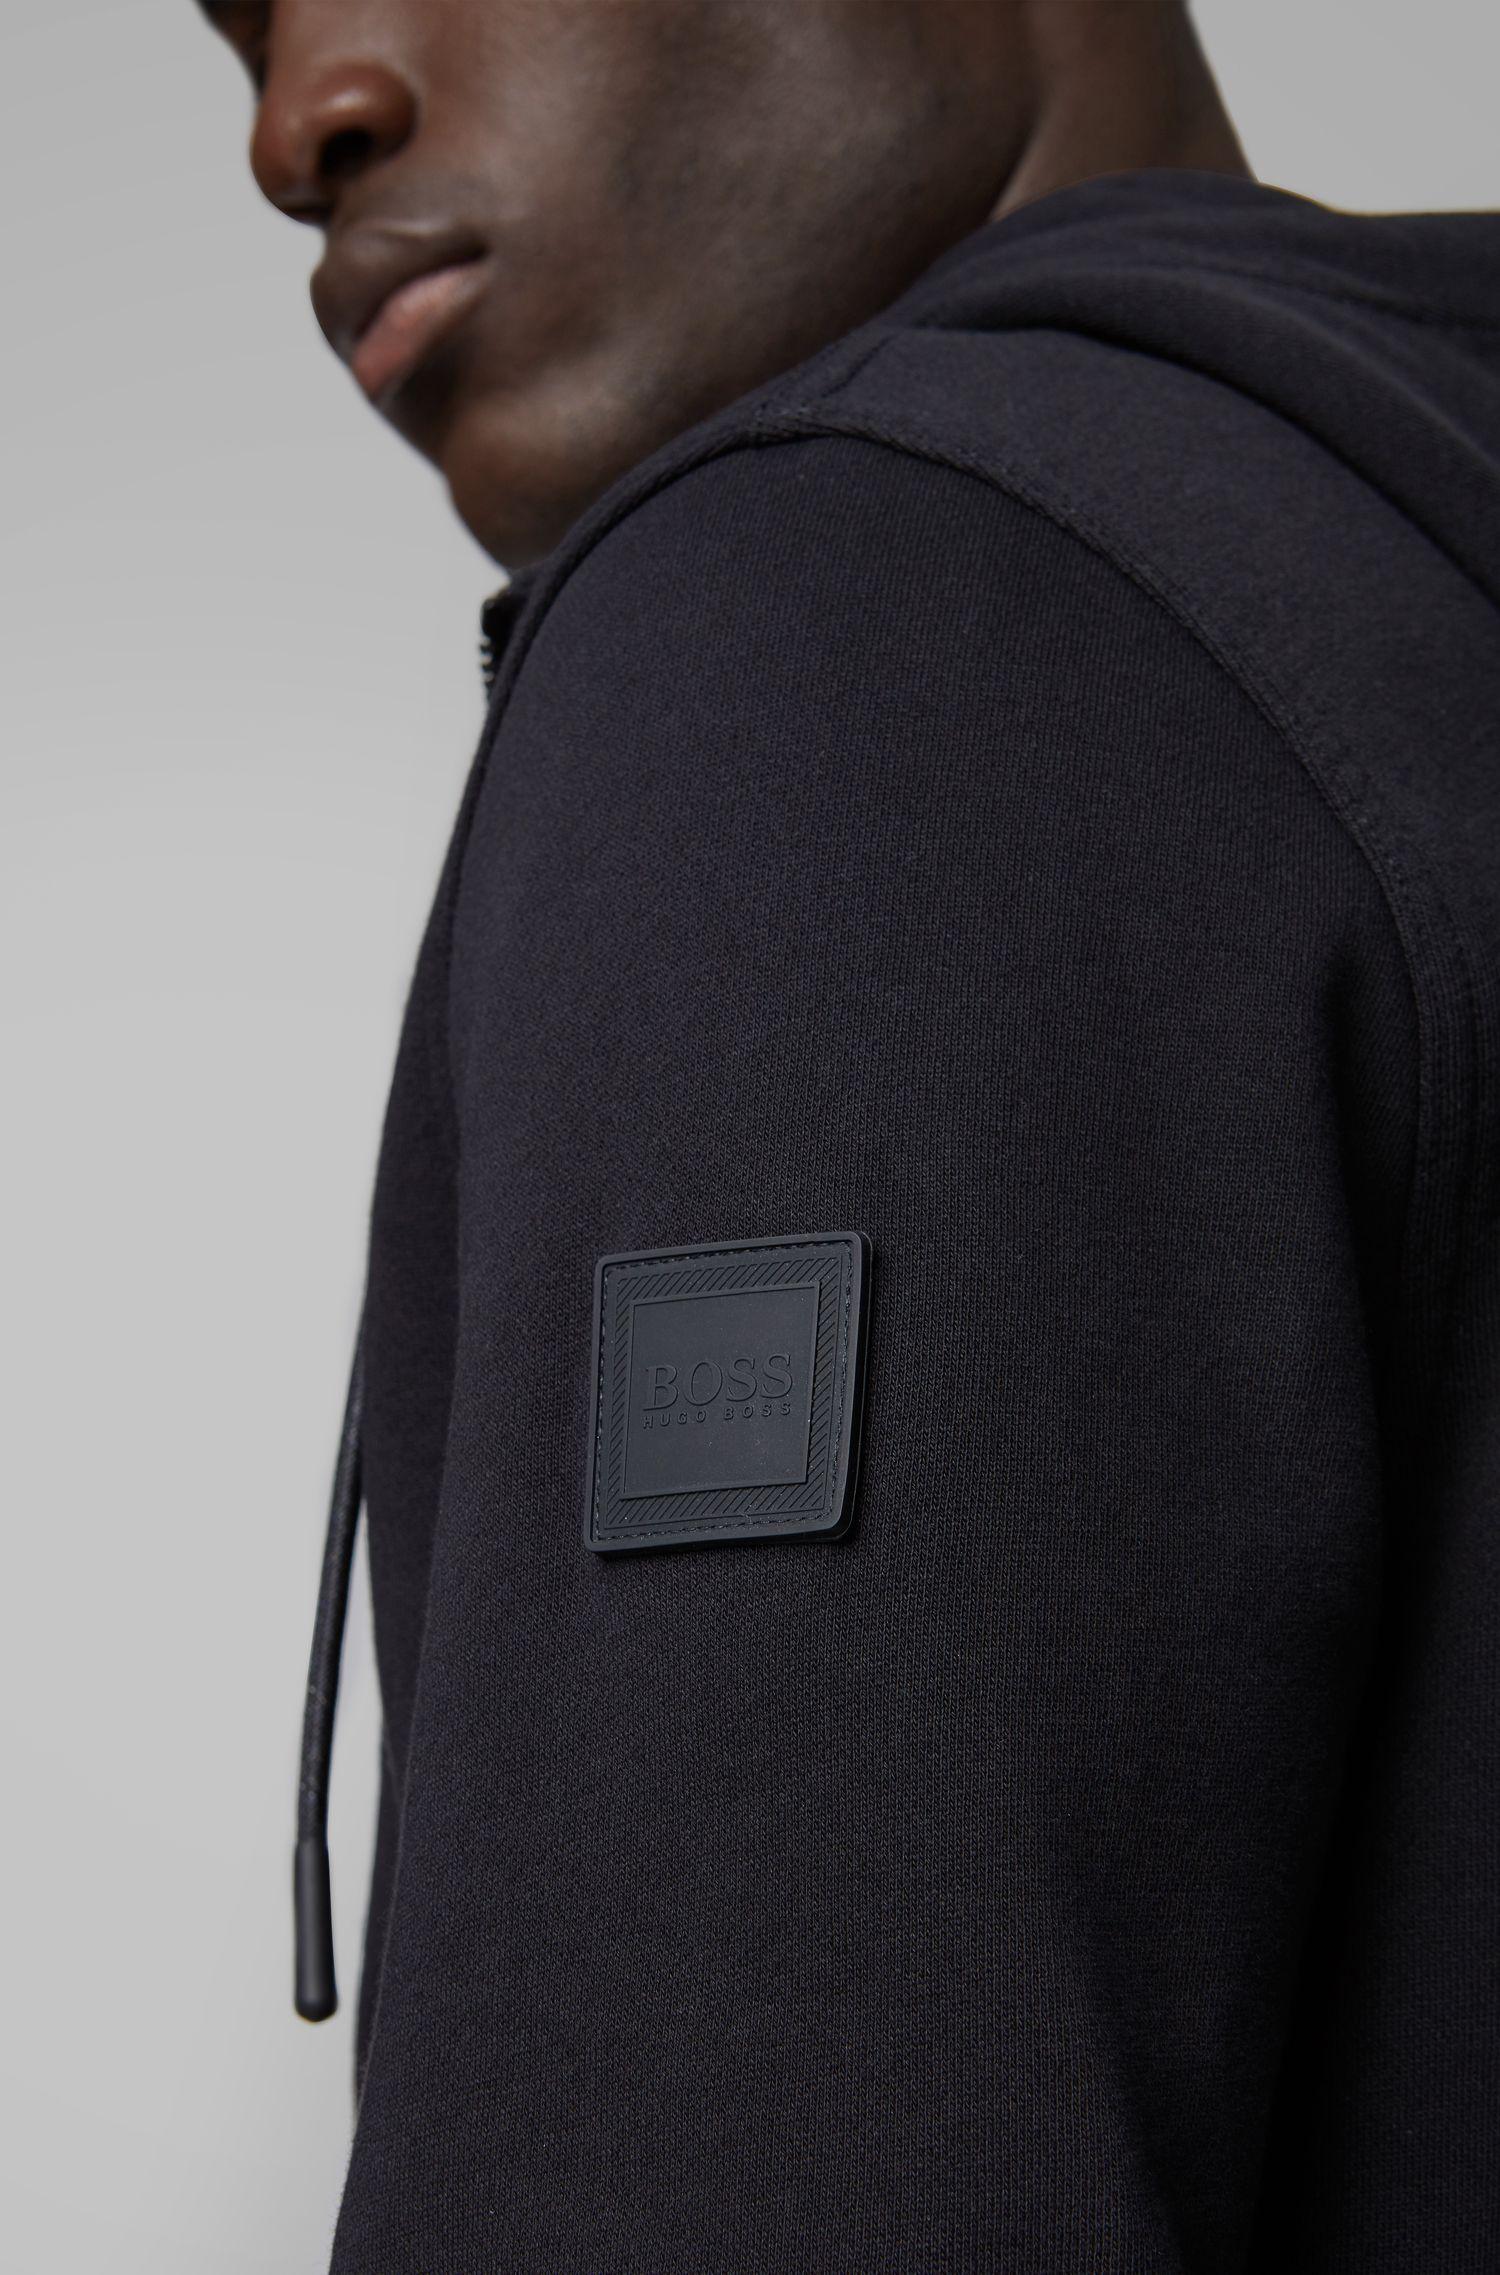 Veste molletonnée à capuche avec badge en gomme sur la manche, Noir